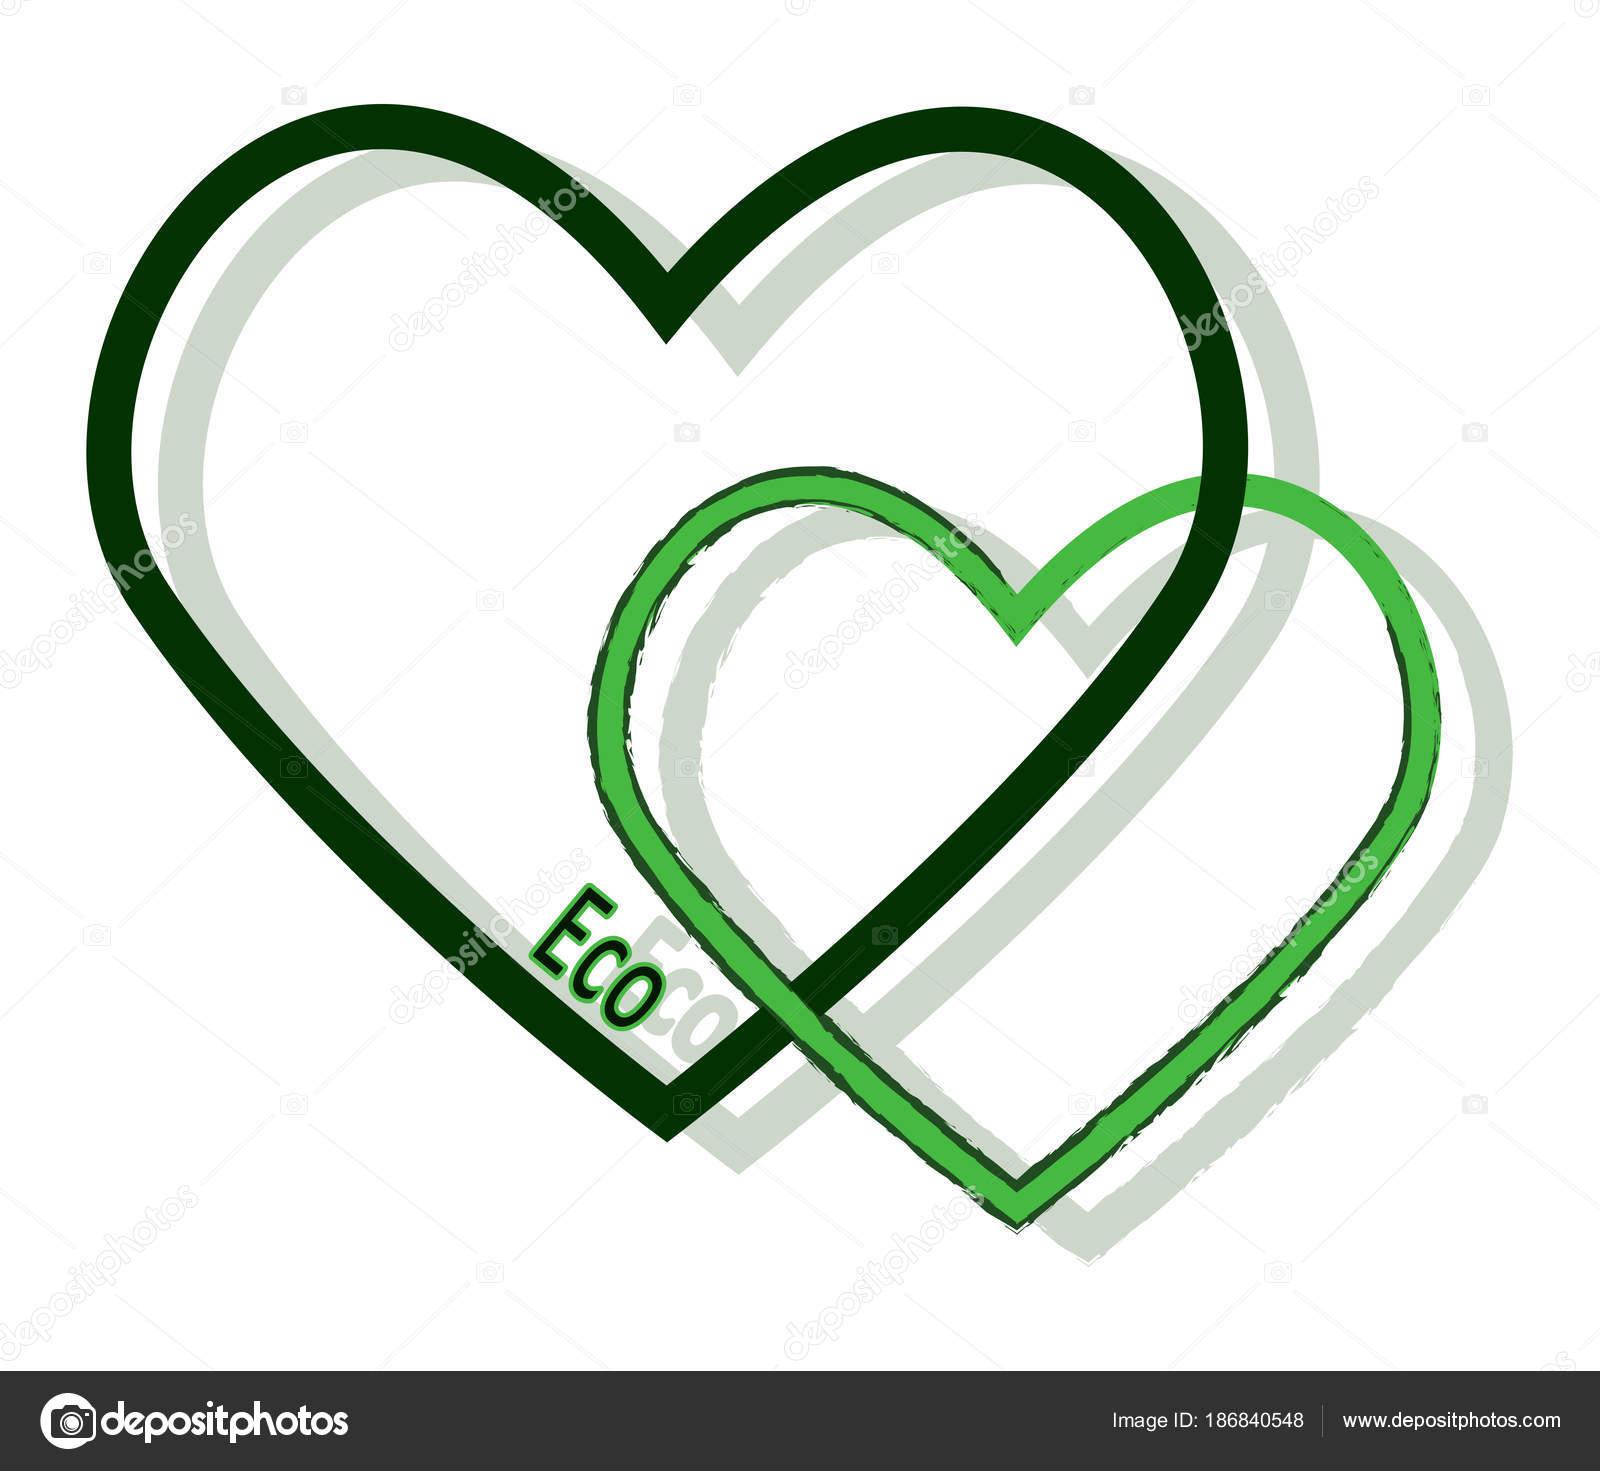 Zwei Grüne Herzen Stockvektor Elfijka 186840548